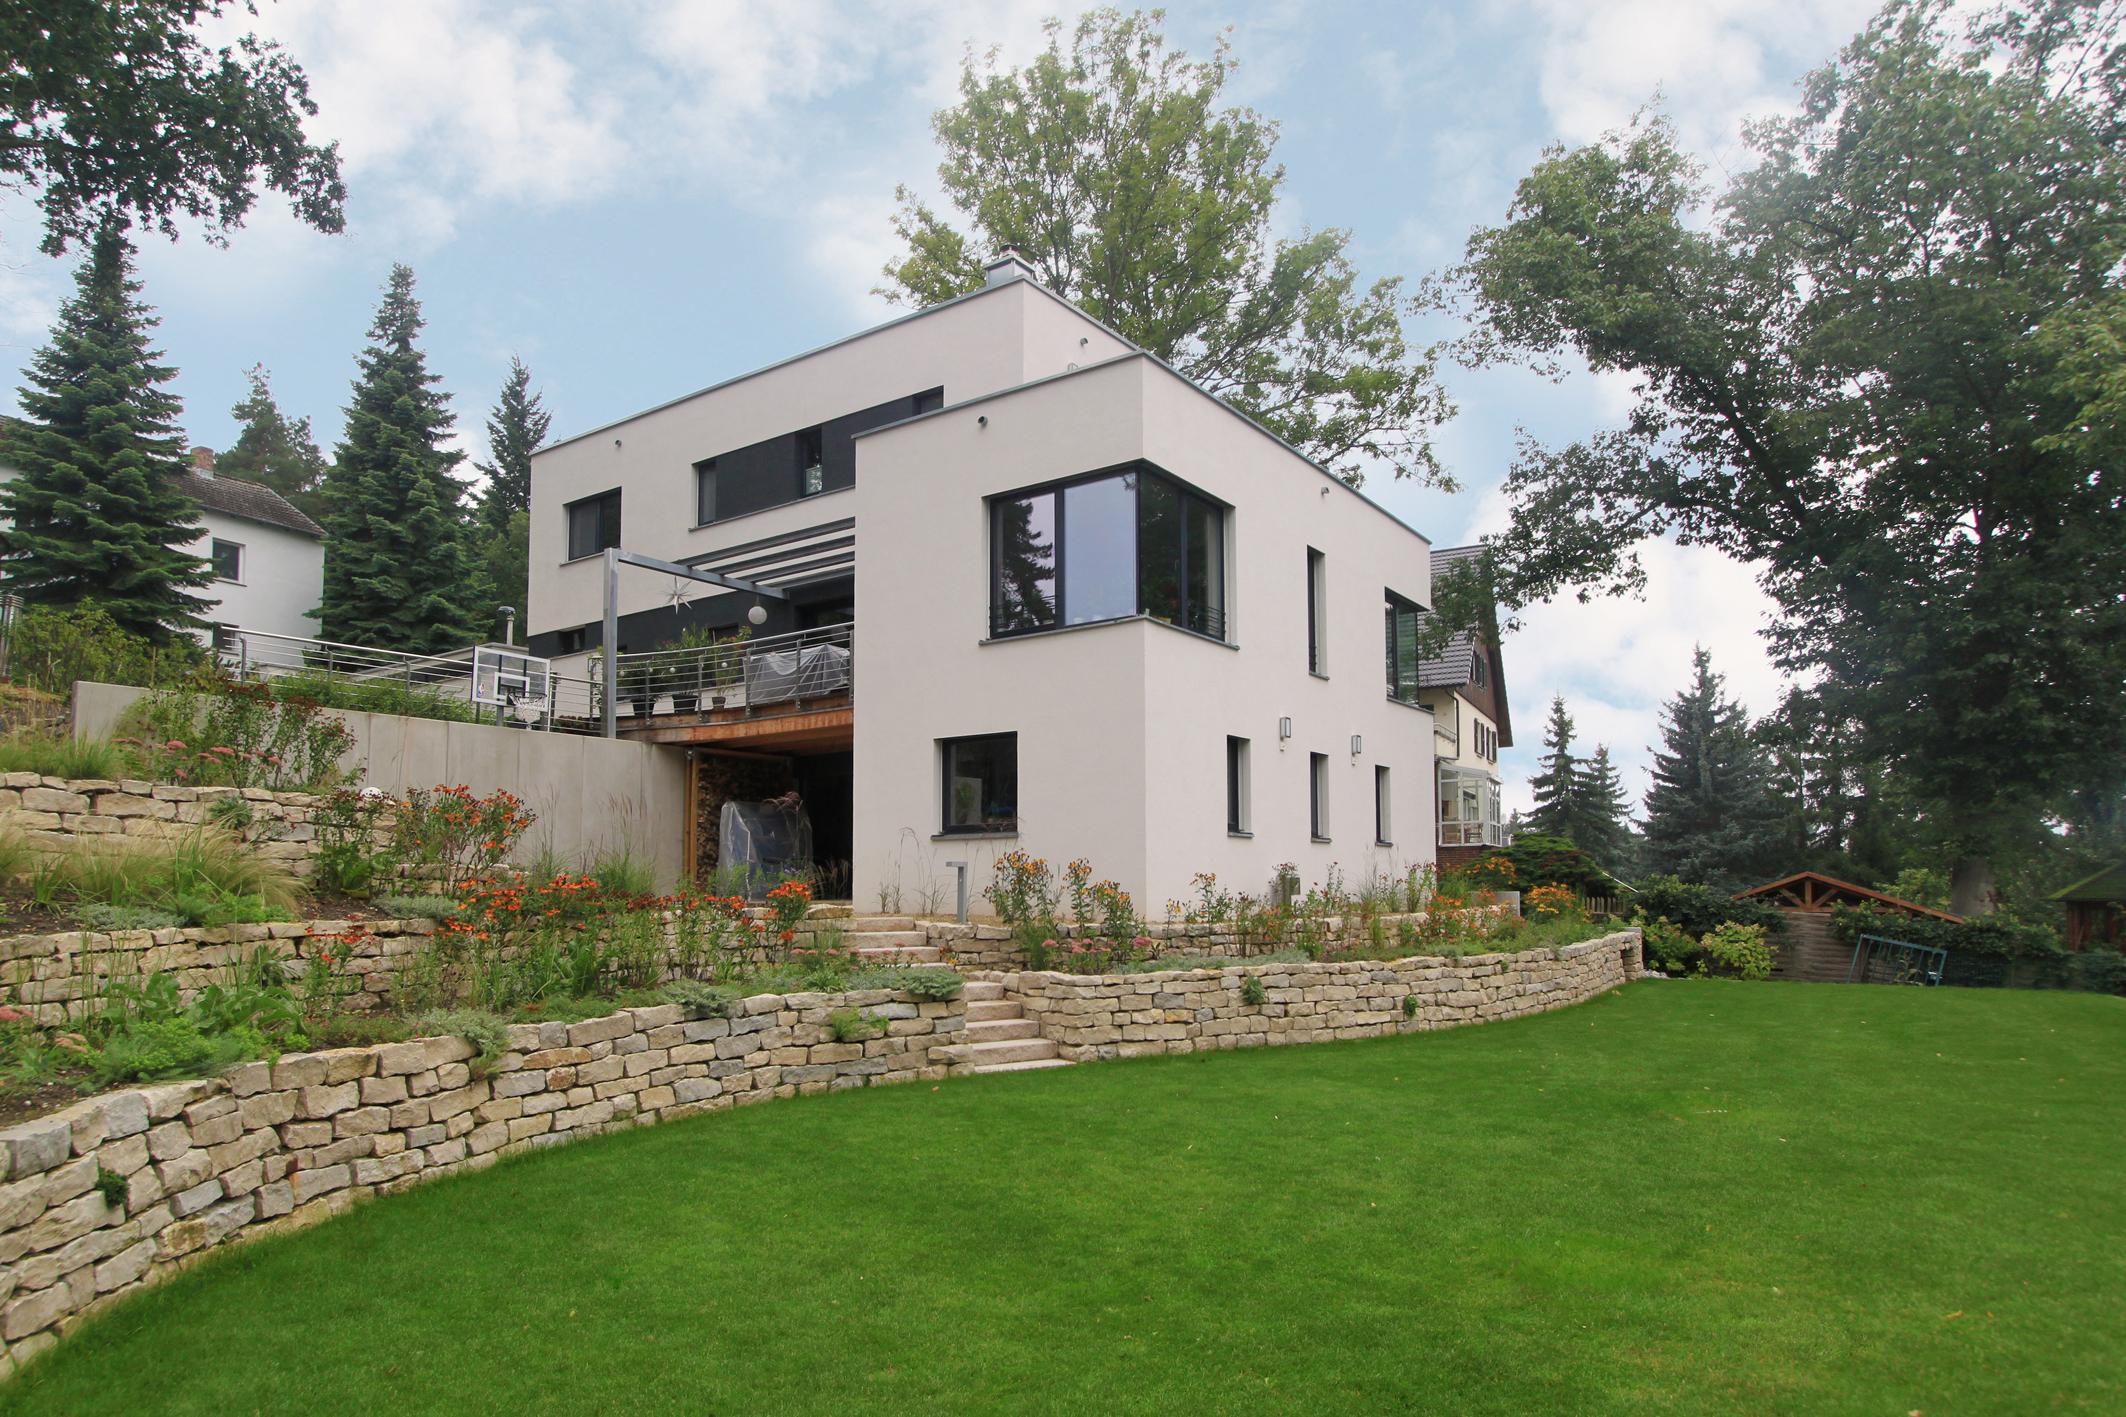 Haus am Hang - däschler architekten & ingenieure : däschler ...